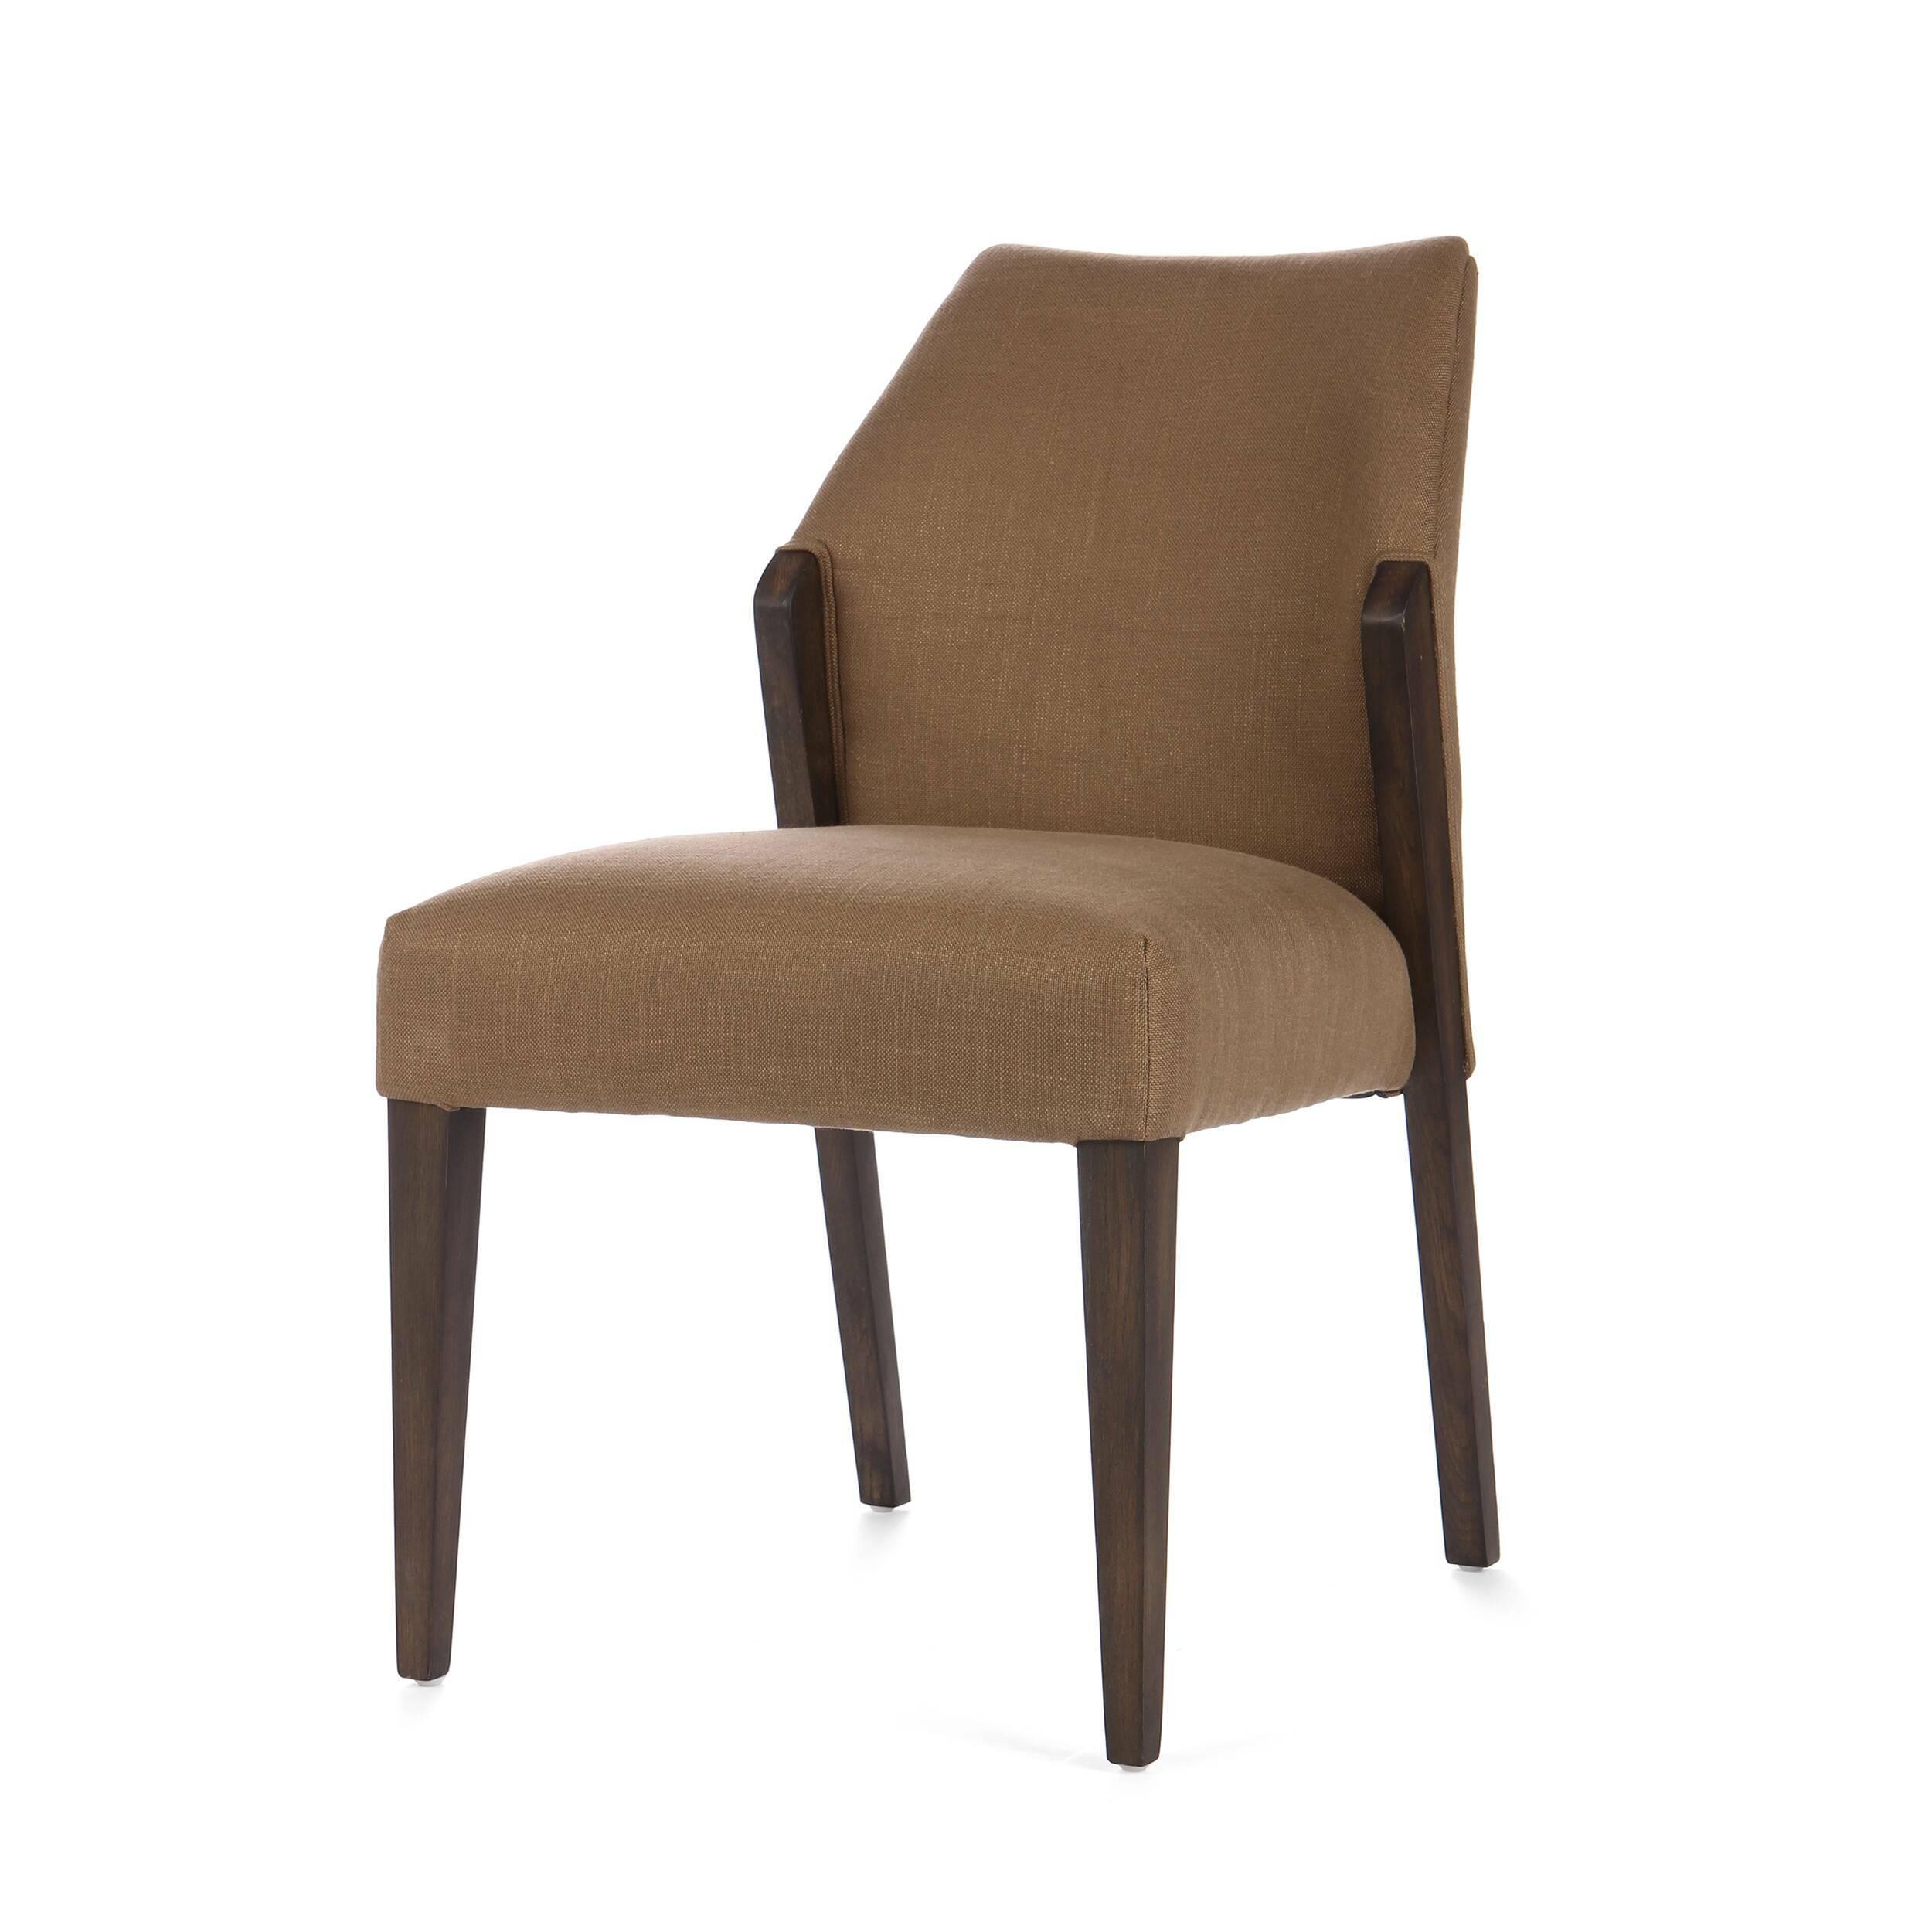 Стул DaltonИнтерьерные<br>Дизайнерский мягкий стул Dalton (Дэлтон) с обивкой из ткани на дубовом каркасе от Cosmo (Космо).<br><br>     Когда хочется неоднозначности в дизайне интерьера или же смешения различных стилей, на помощь дизайнерам приходят предметы мебели, которые легко смогут вписаться как в классический, так и в любой современный интерьер. Стул Dalton универсален по своему дизайну, выполнен в спокойных, гармоничных цветовых оттенках. Форма стула также не вызывает противоречивых чувств — классический дизайн с пр...<br><br>stock: 15<br>Высота: 86<br>Высота сиденья: 51<br>Ширина: 53<br>Глубина: 66<br>Цвет ножек: Темно-коричневый<br>Материал ножек: Массив дуба<br>Материал сидения: Вискоза<br>Цвет сидения: Коричневый<br>Тип материала сидения: Ткань<br>Тип материала ножек: Дерево